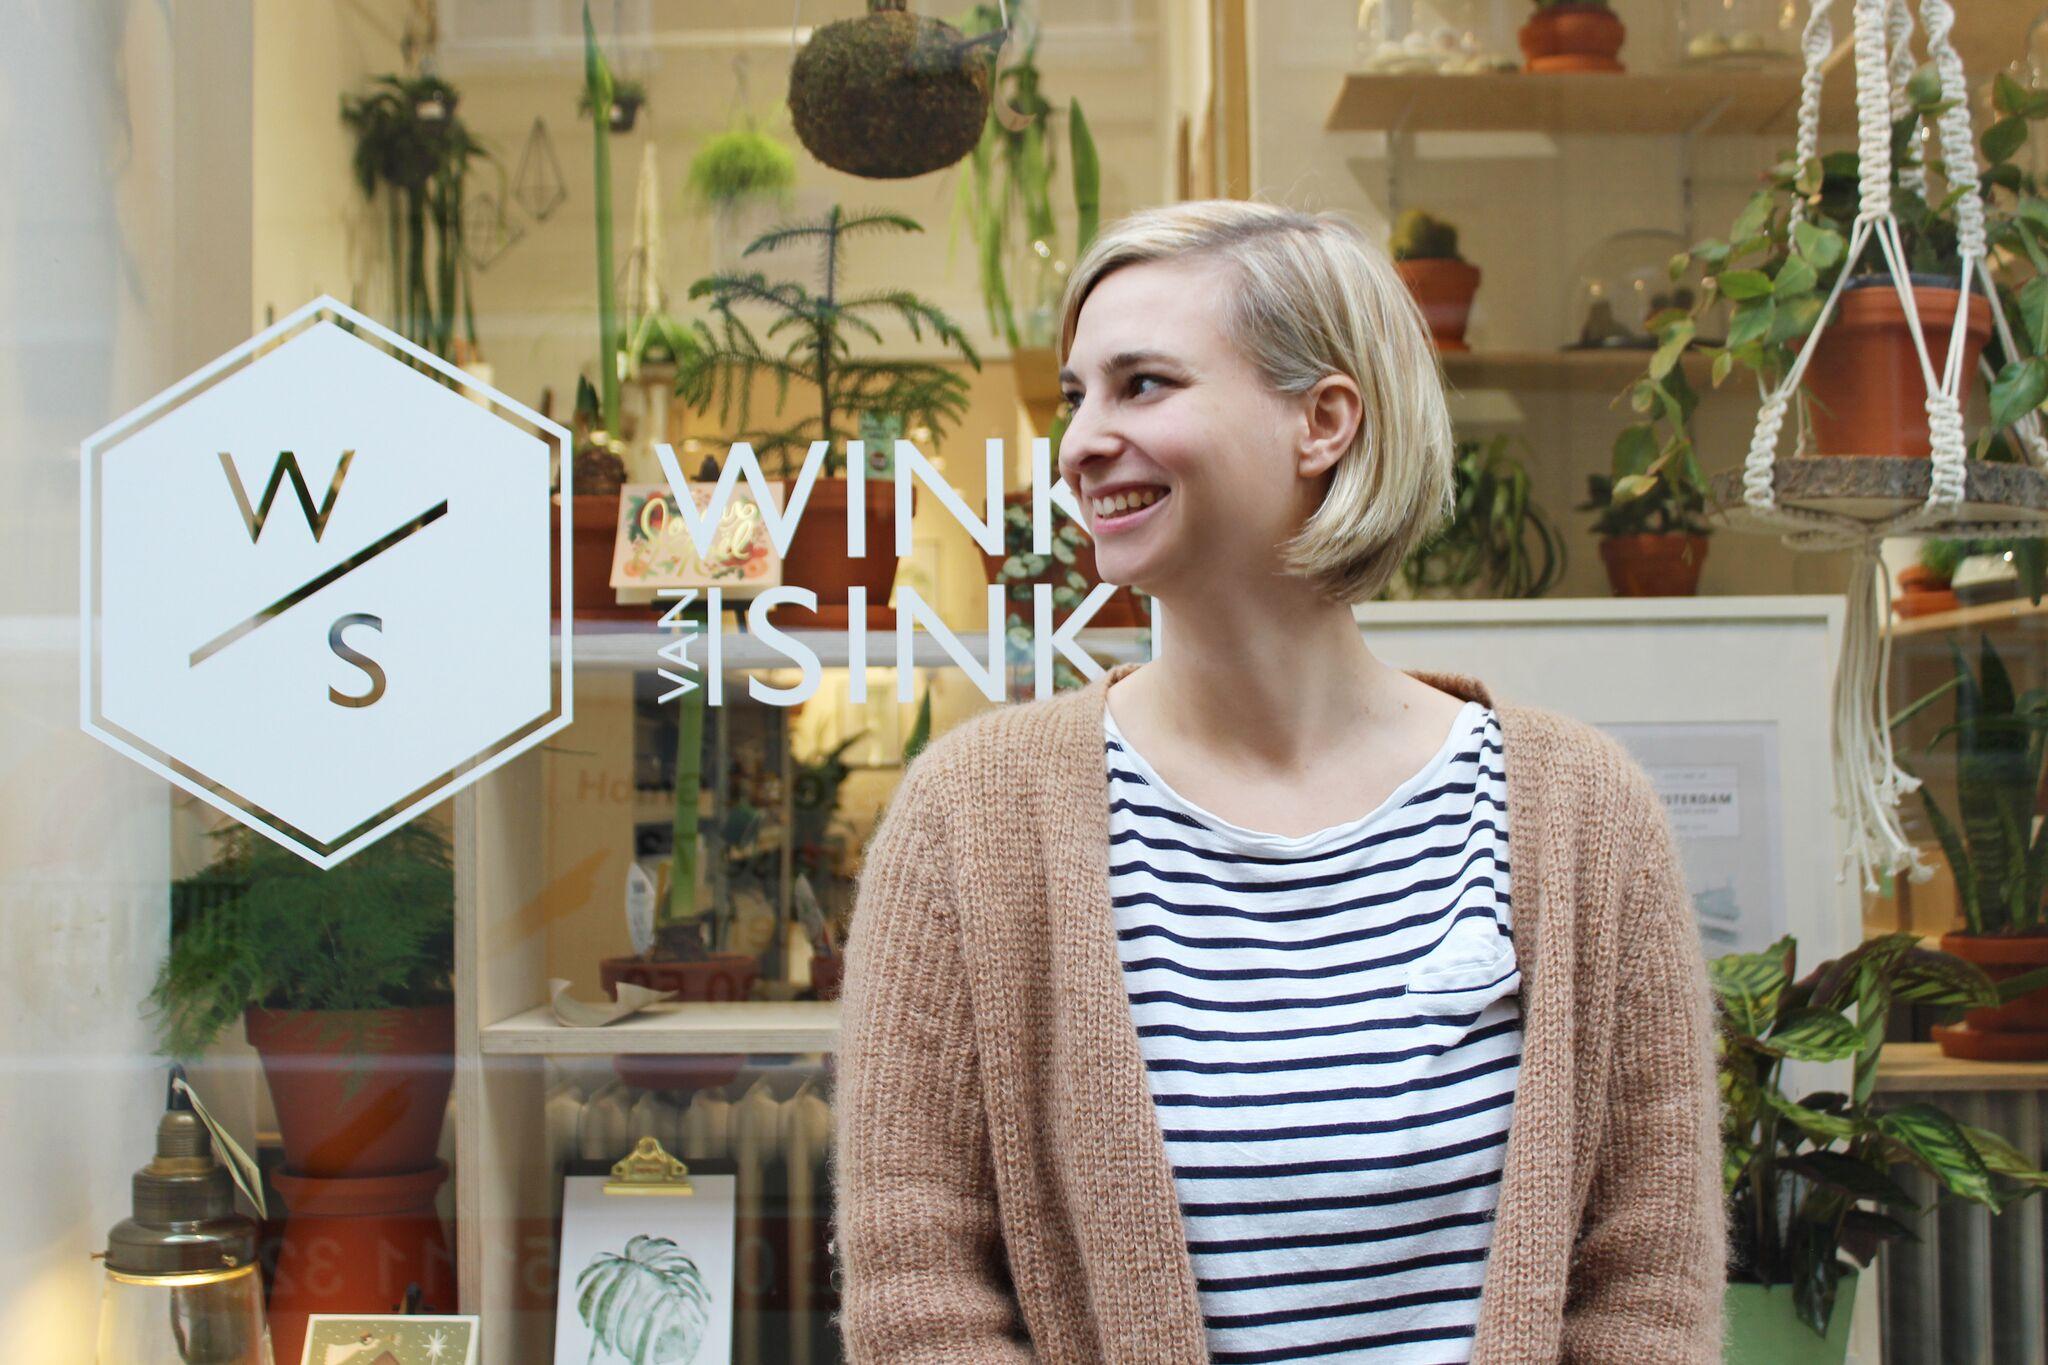 Zelda Czok - Zelda Czok holt seit 2016 mit ihrem Laden »Winkel van Sinkel« den AmsterdamerLivestyle und jede Menge wunderschöne Grünpflanzen nach Hamburg.www.winkelvansinkel.de